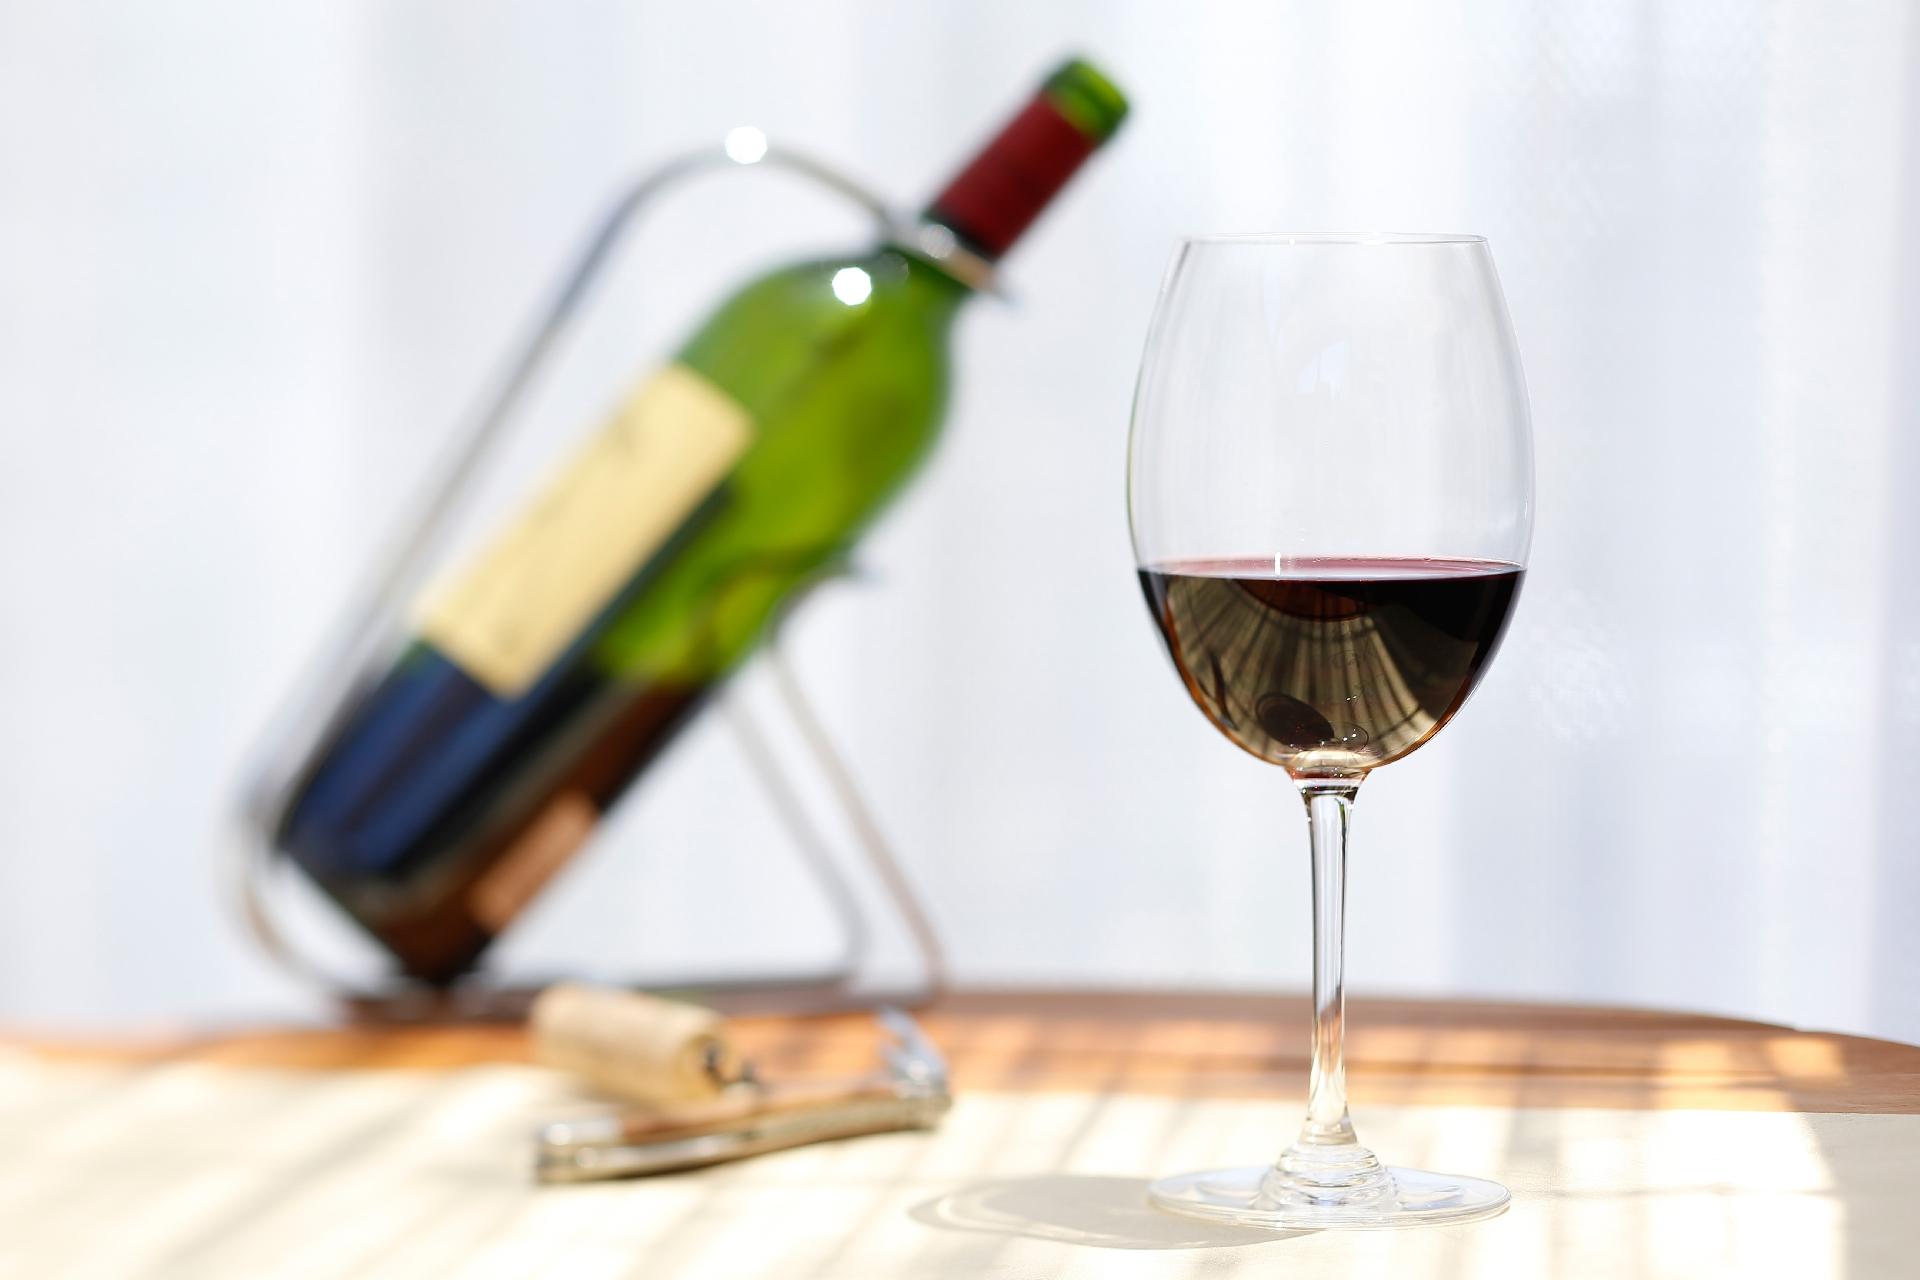 解禁日のボジョレーヌーボーがまずいのは常識!?コンビニワインの方が美味しい理由と美味しく飲む割り方